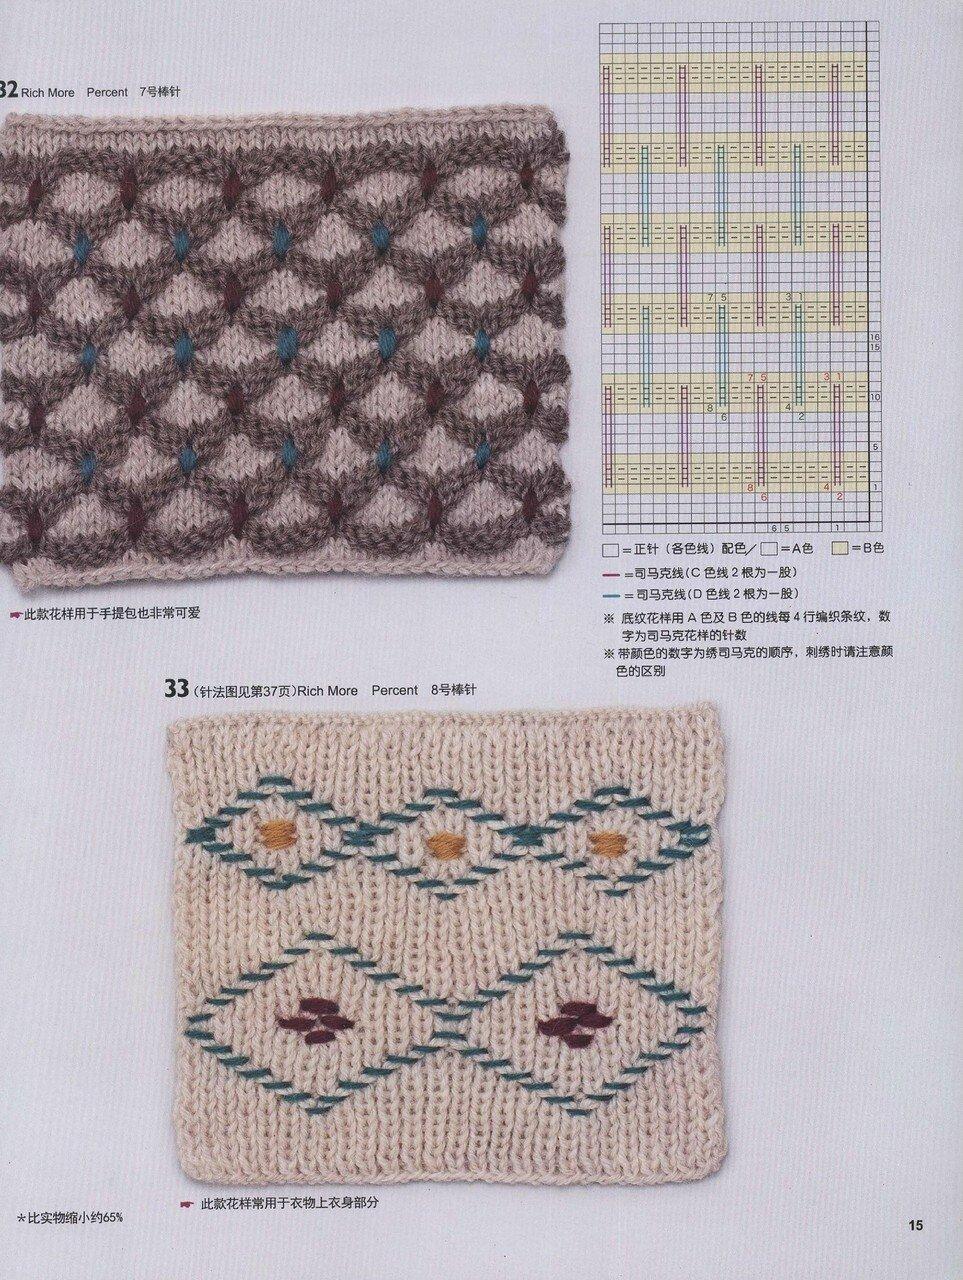 150 Knitting_17.jpg